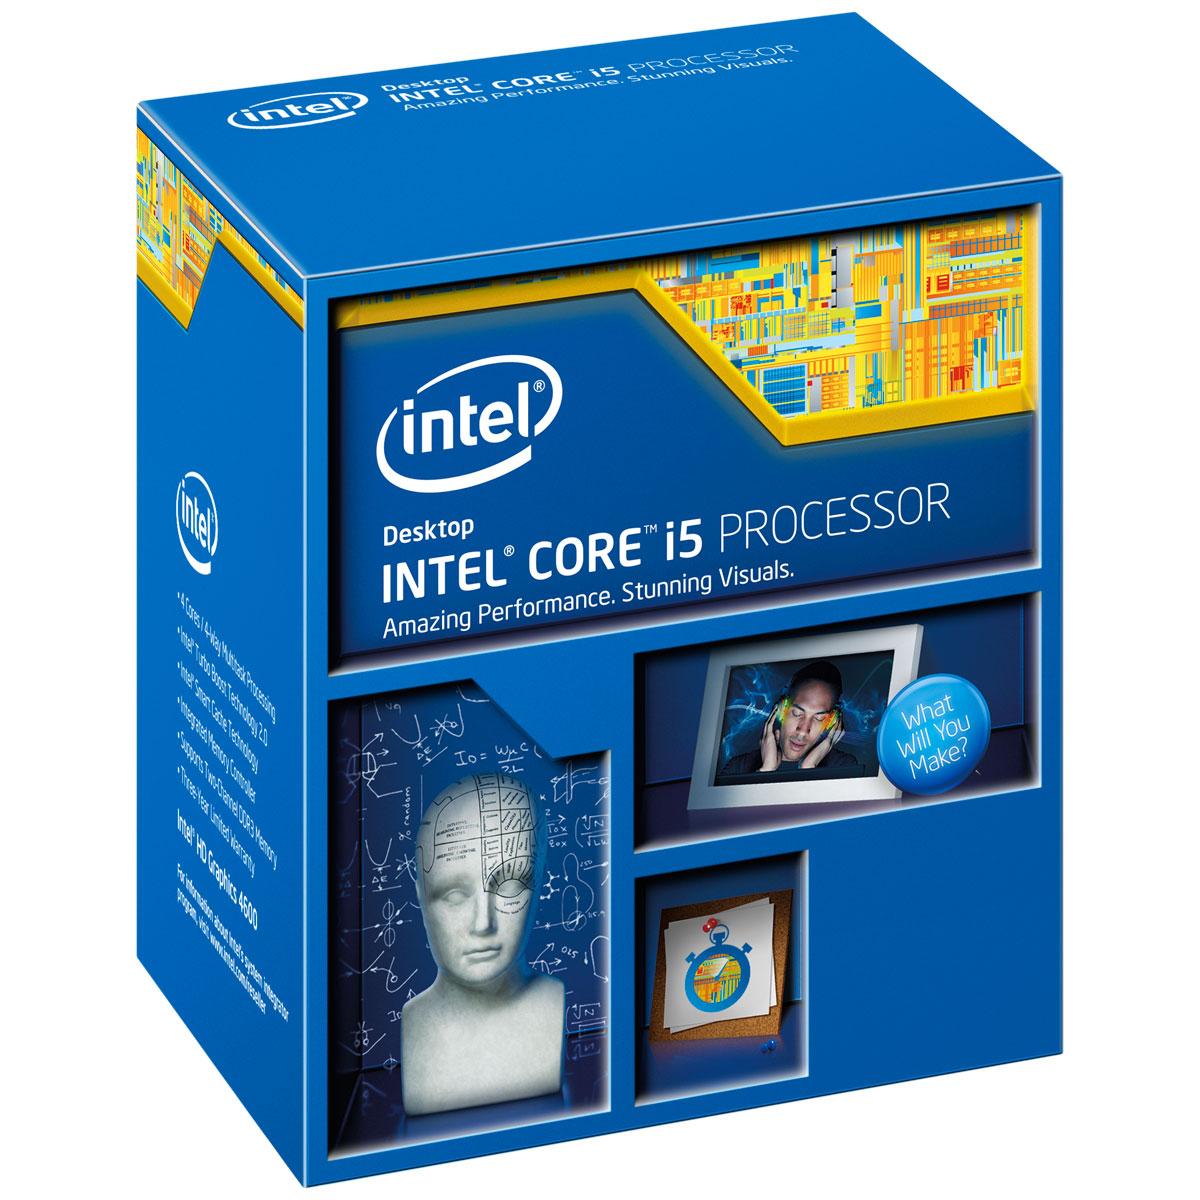 Processeur Intel Core i5-4440 (3.1 GHz) Processeur Quad Core Socket 1150 Cache L3 6 Mo Intel HD Graphics 4600 0.022 micron (version boîte - garantie Intel 3 ans)